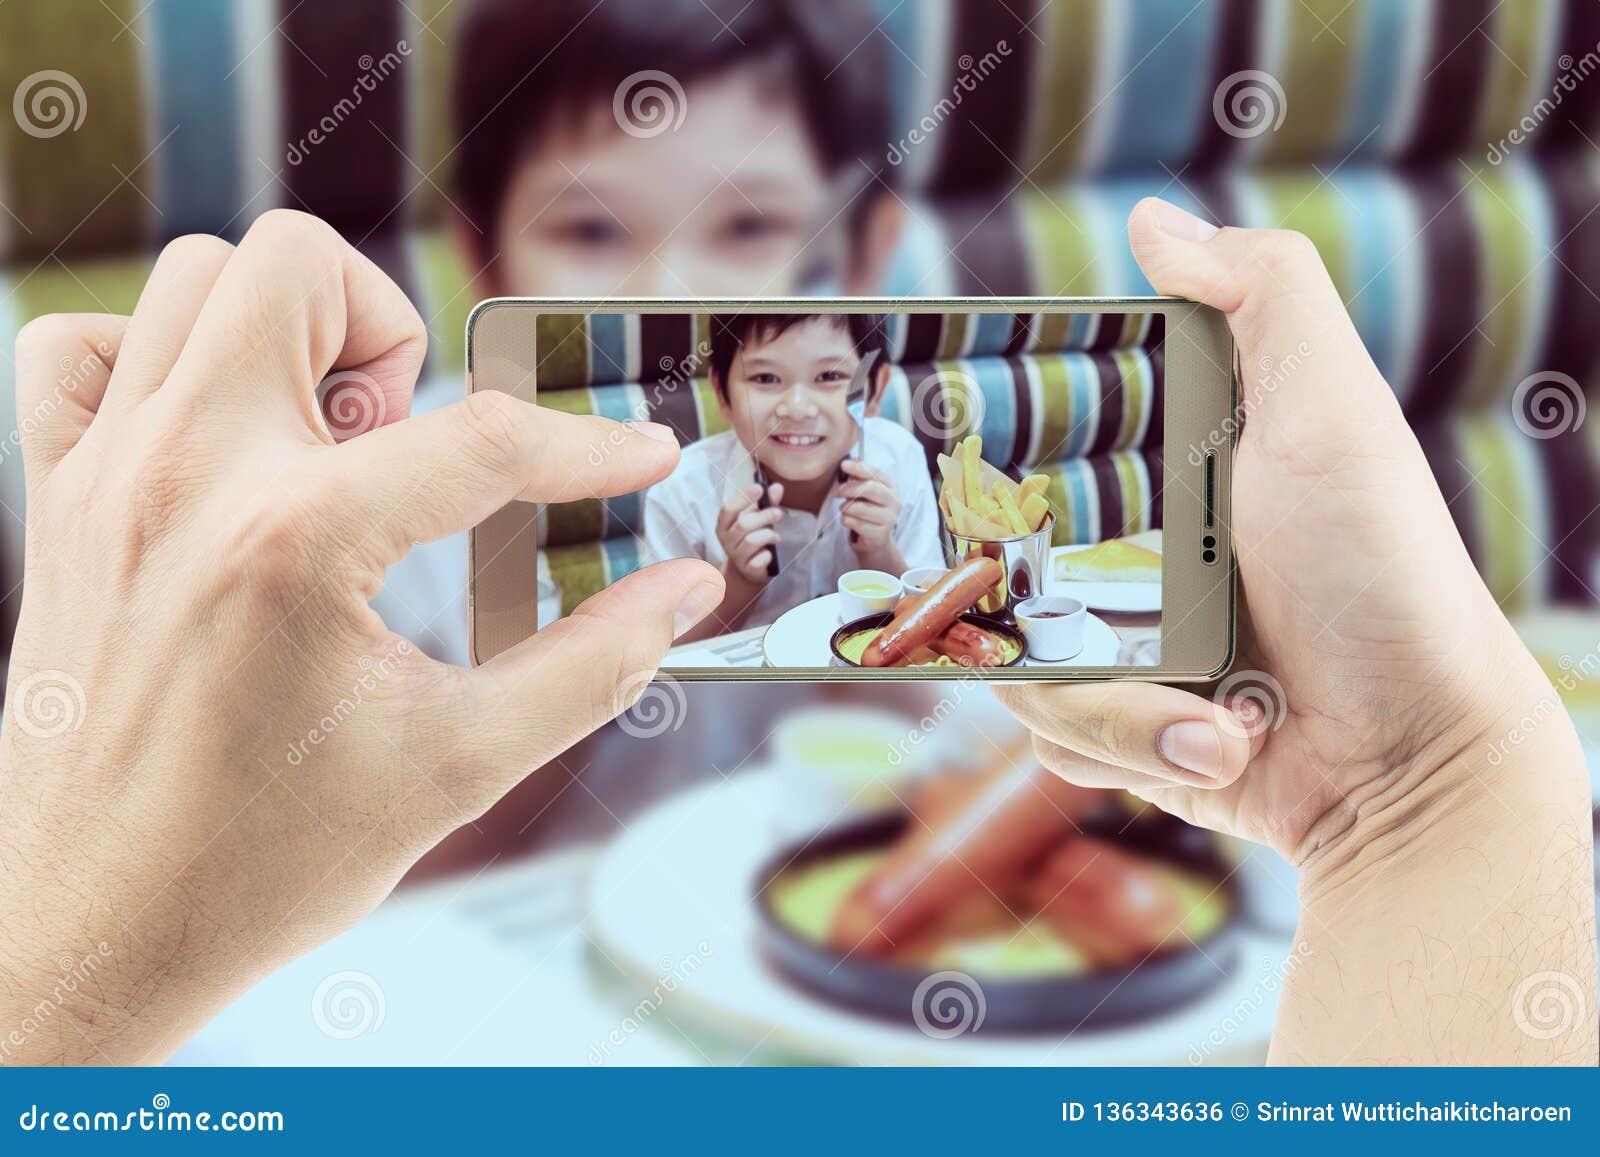 Vati machen das bewegliche Foto des asiatischen Jungen Pommes-Frites essend